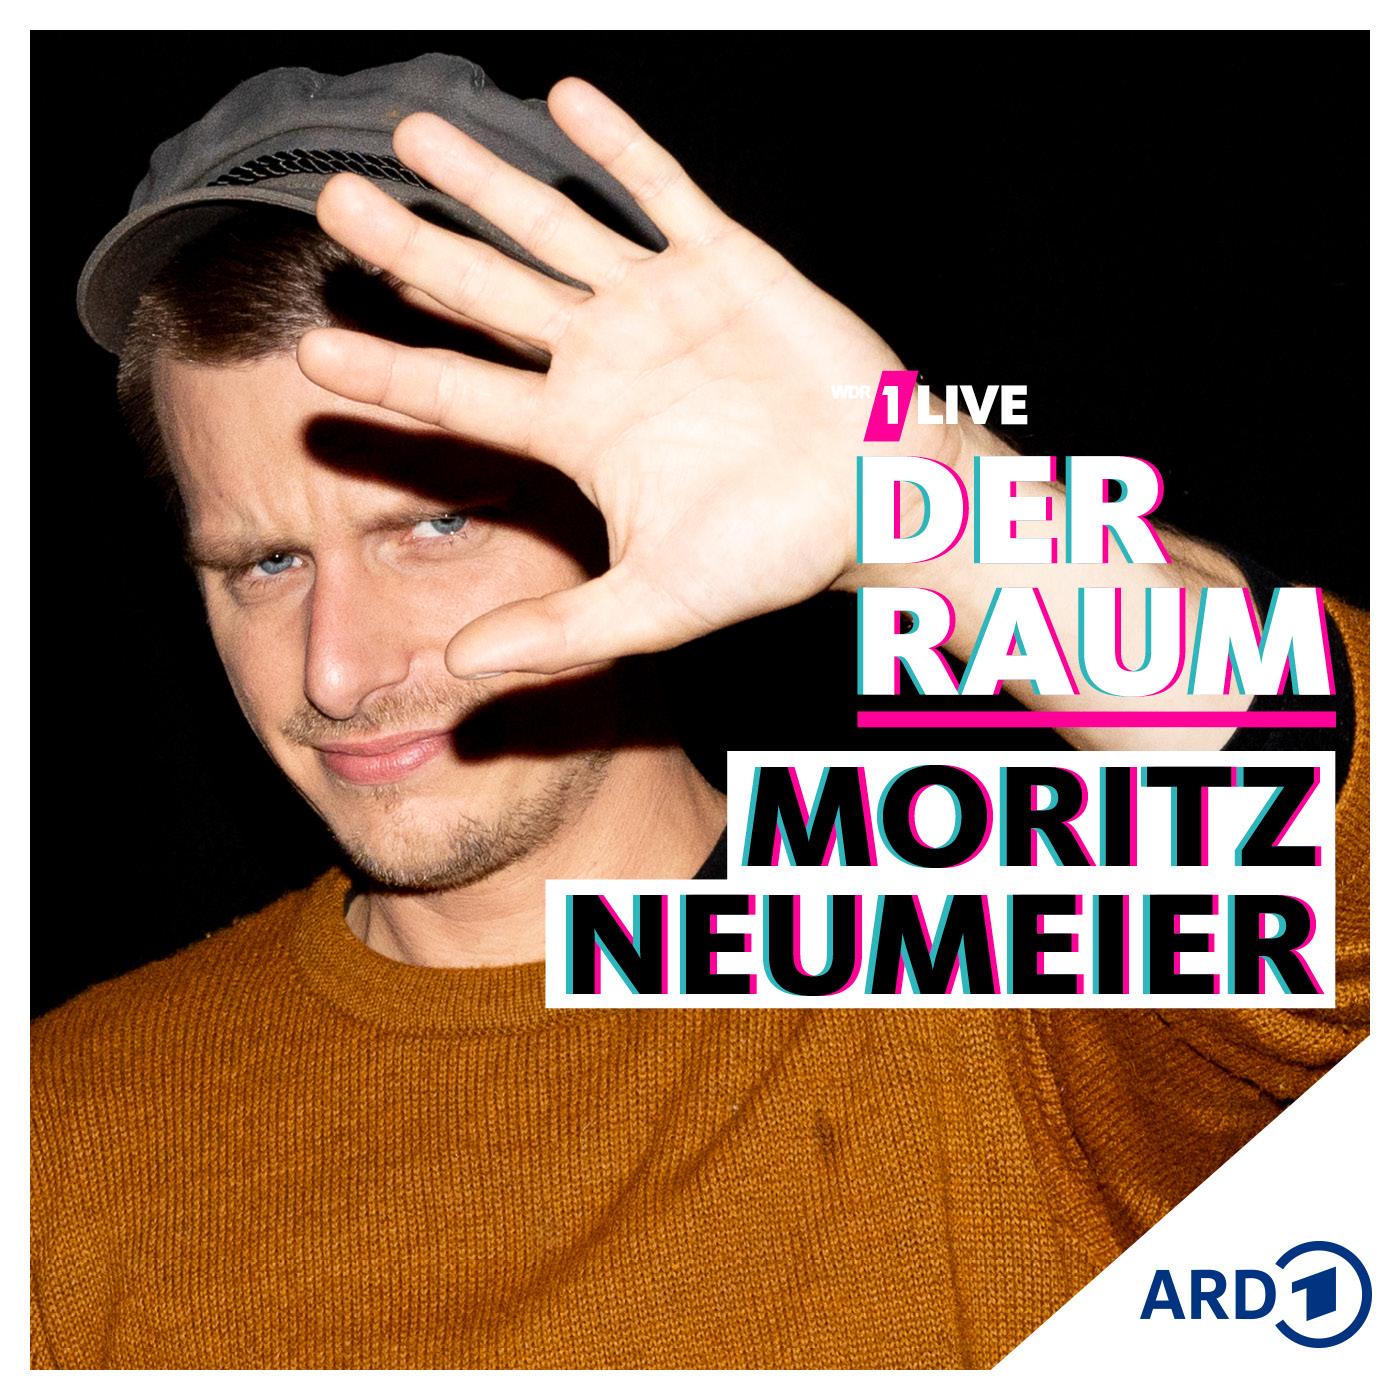 Moritz Neumeier: Die Therapie hat mein Leben verändert